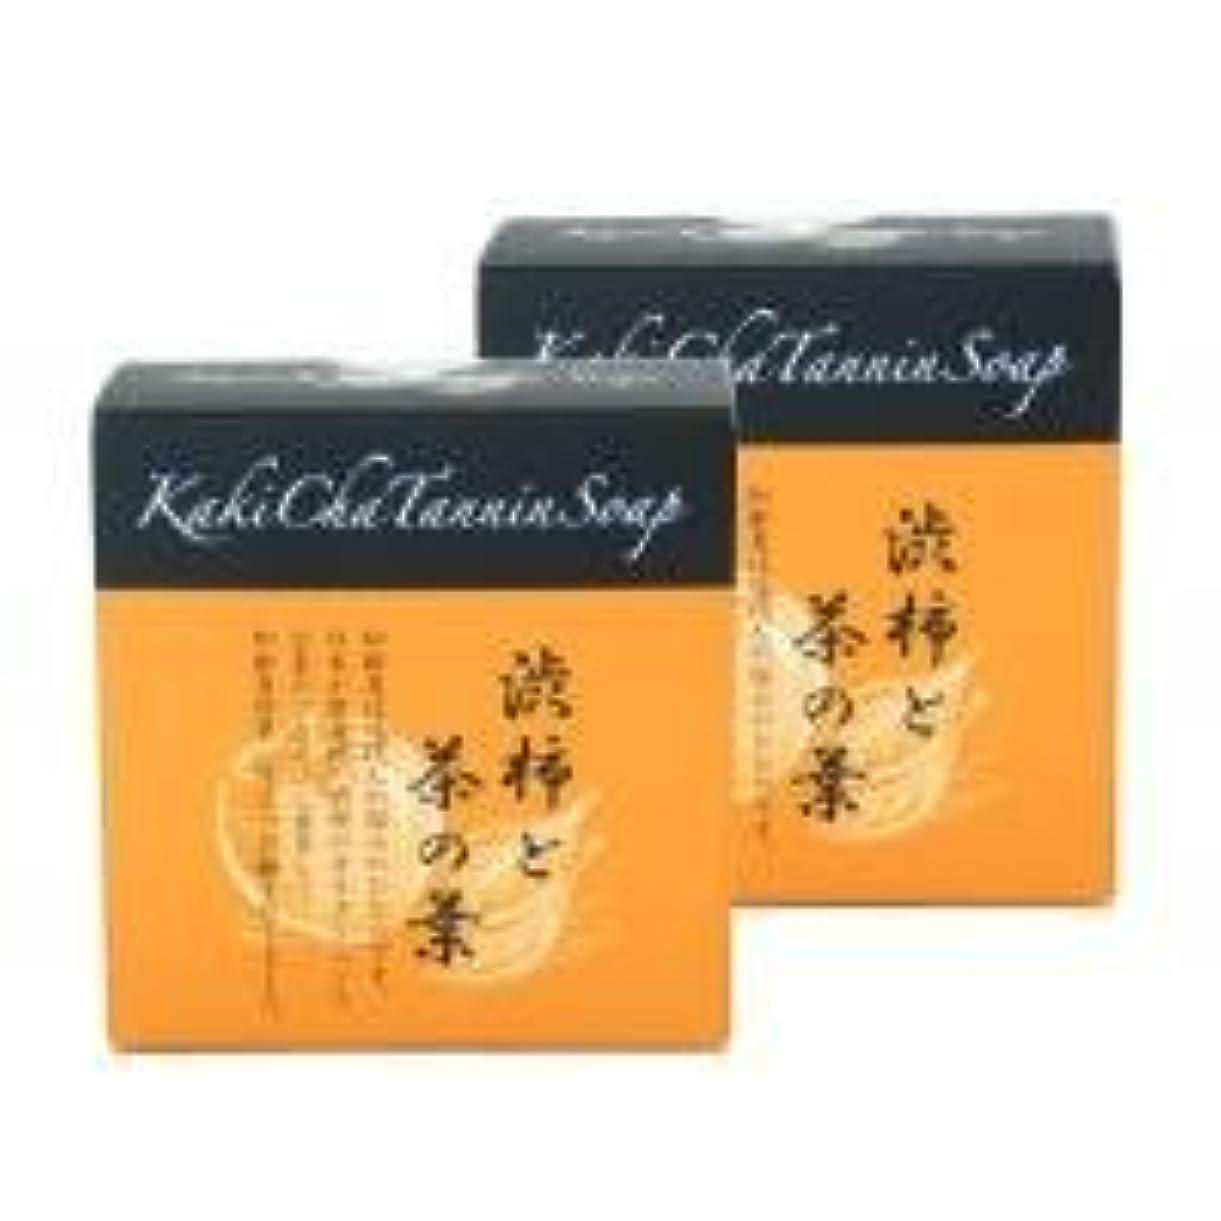 熱意興奮する間柿茶タンニンソープ(100g)×2個 K00024W